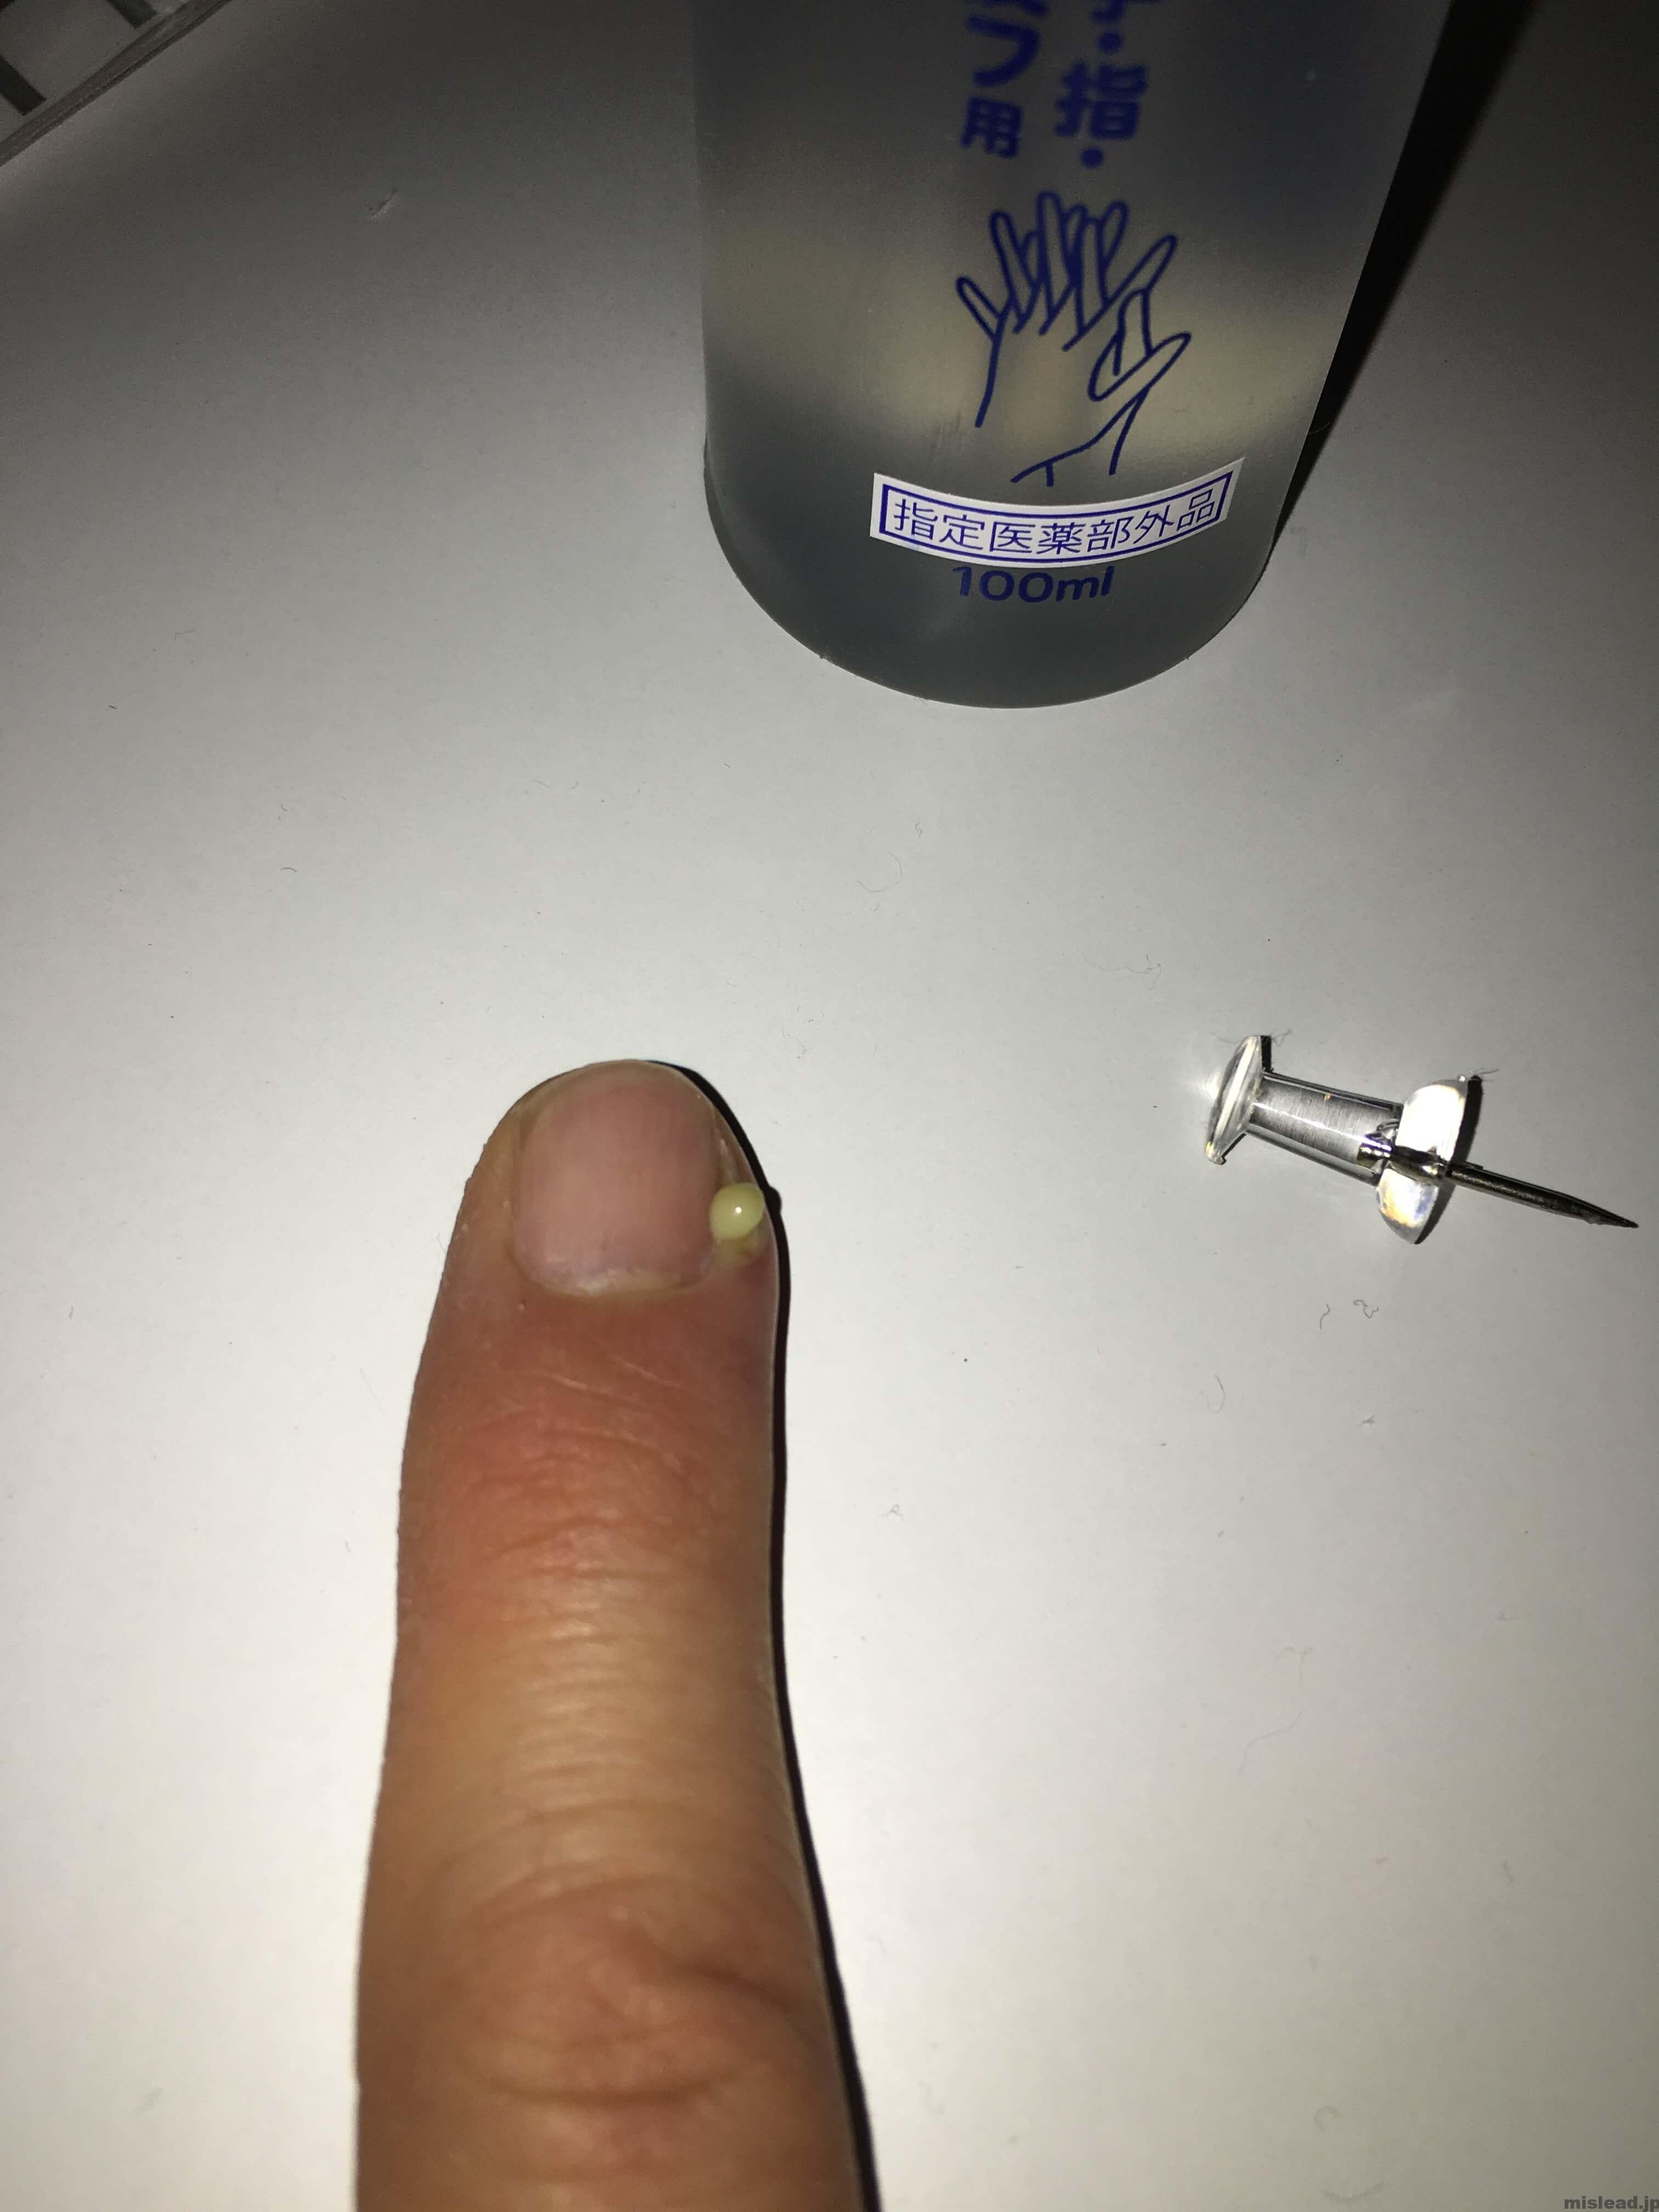 ひょう疽 画鋲で膿を出す